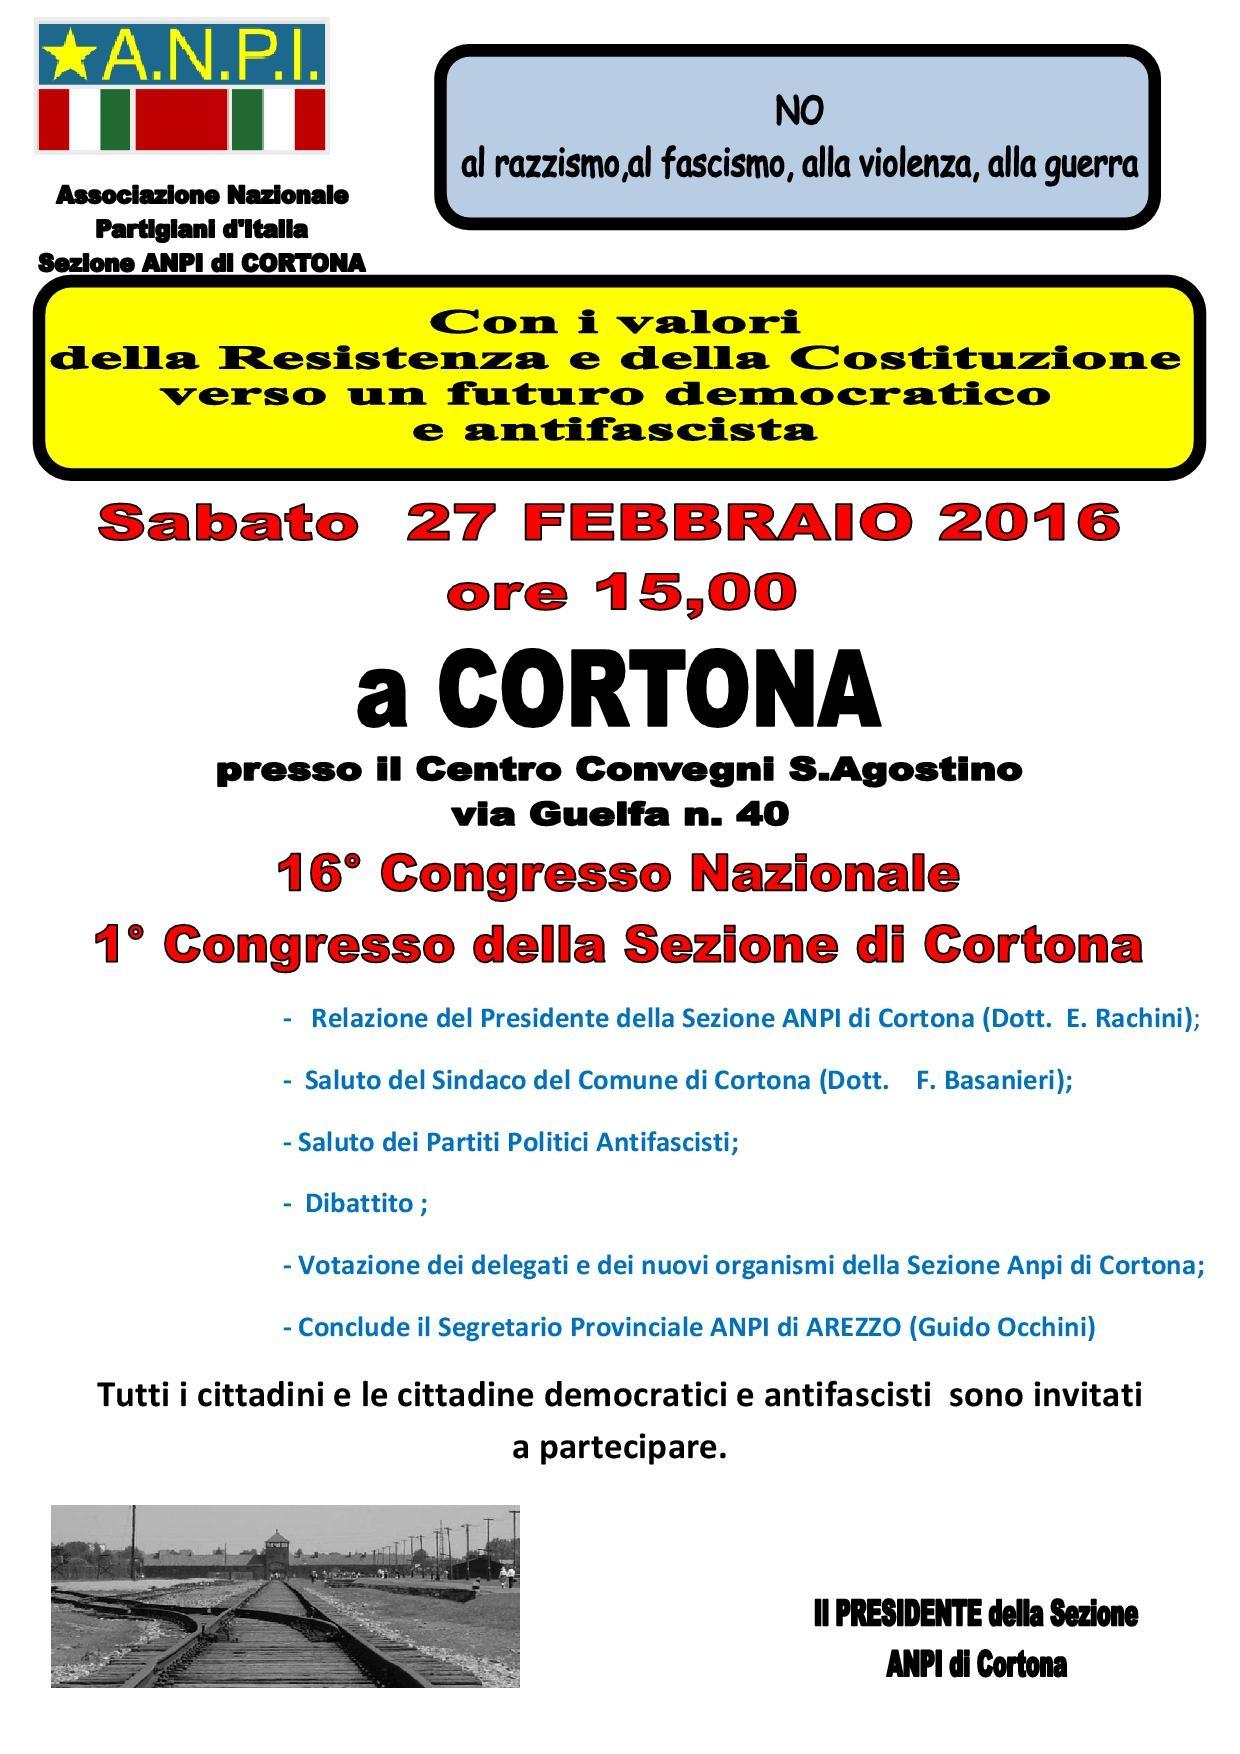 1° Congresso della Sezione Cortonese di ANPI